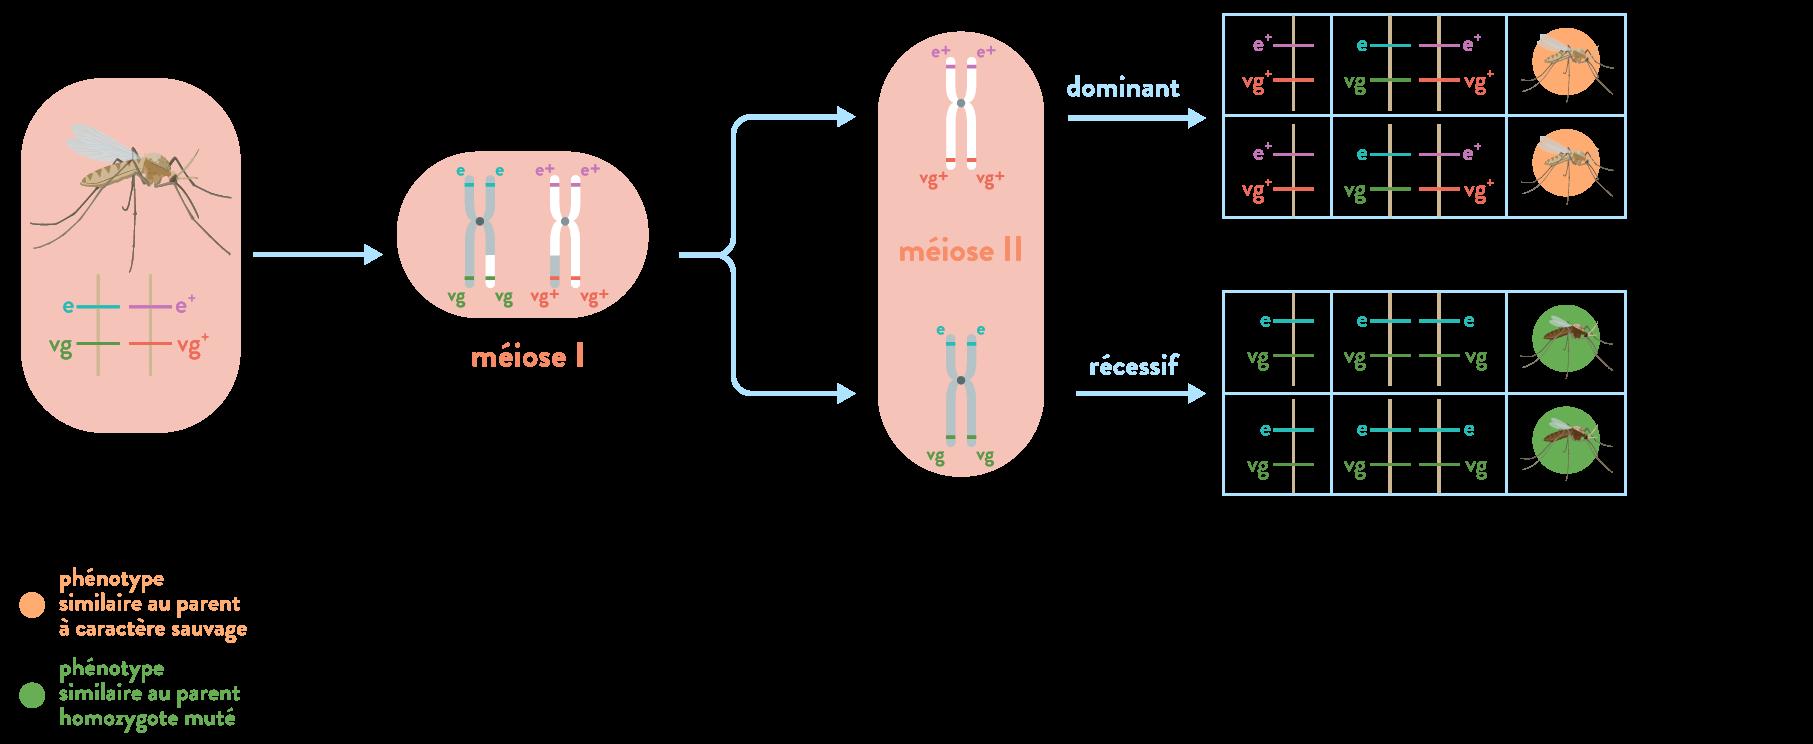 Recombinaison allélique méiose diversité génétique